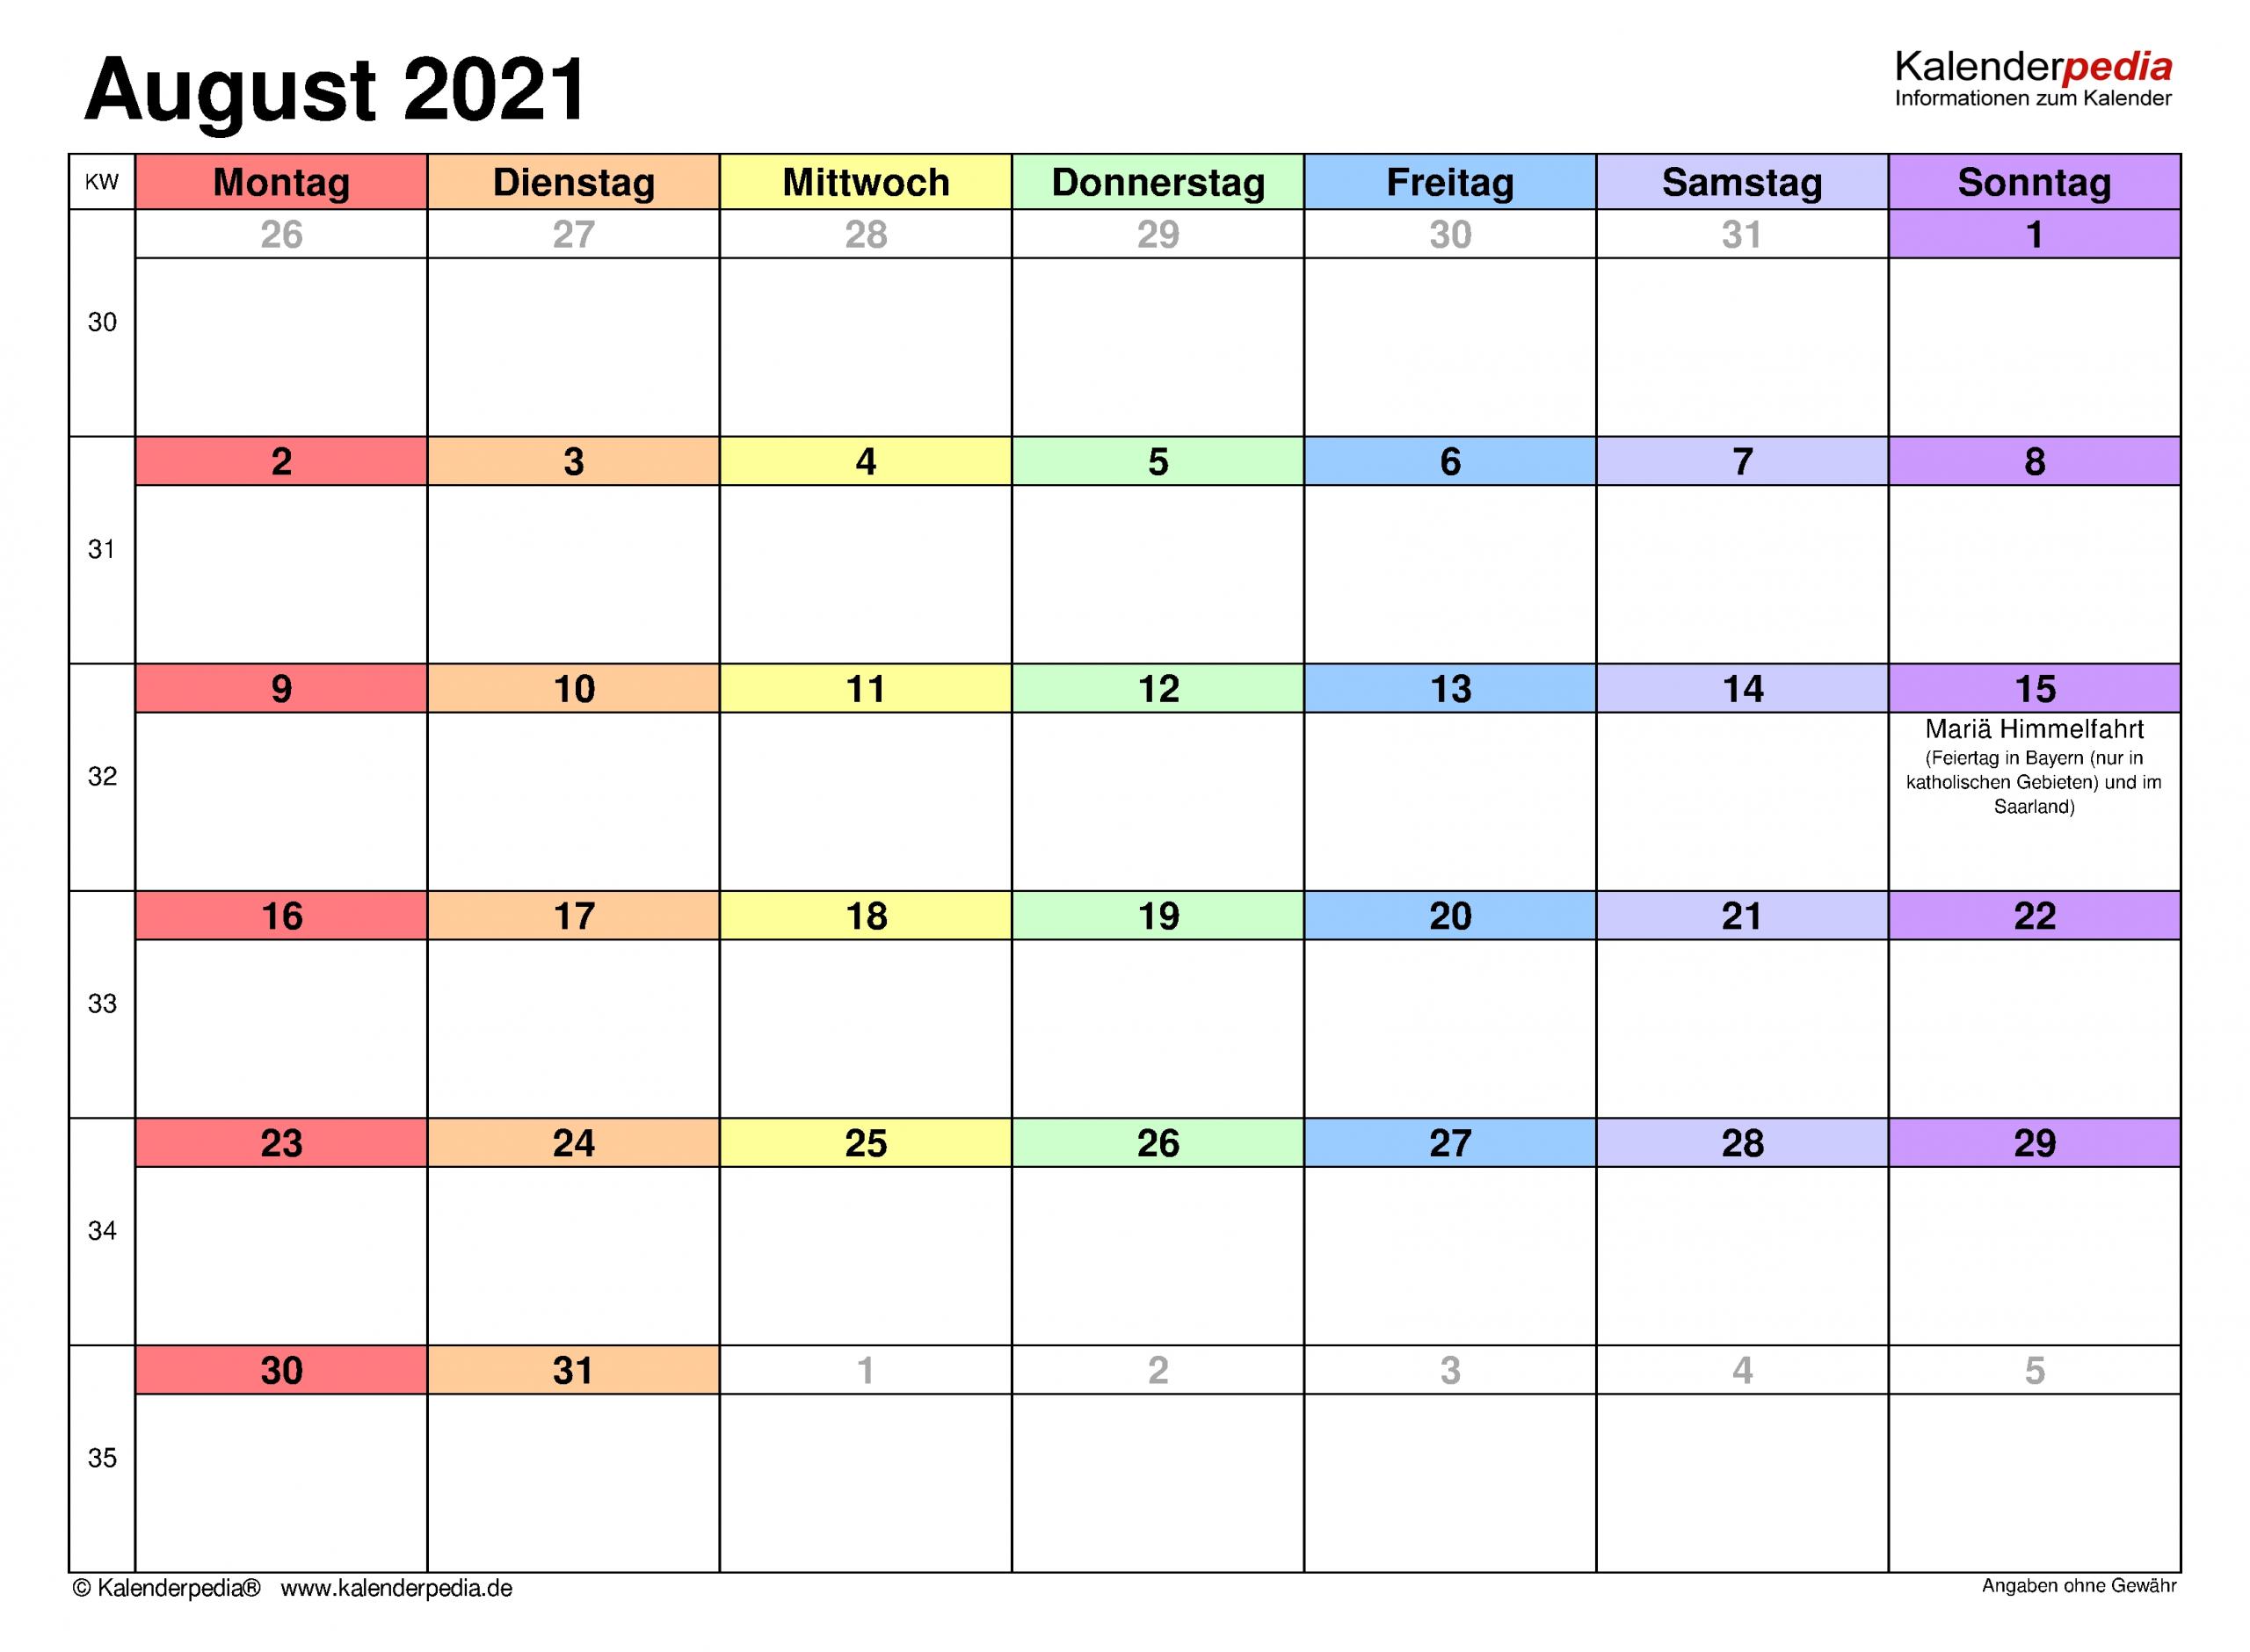 Collect Kalender Monat August 2021 Zum Ausdrucken Kostenlos